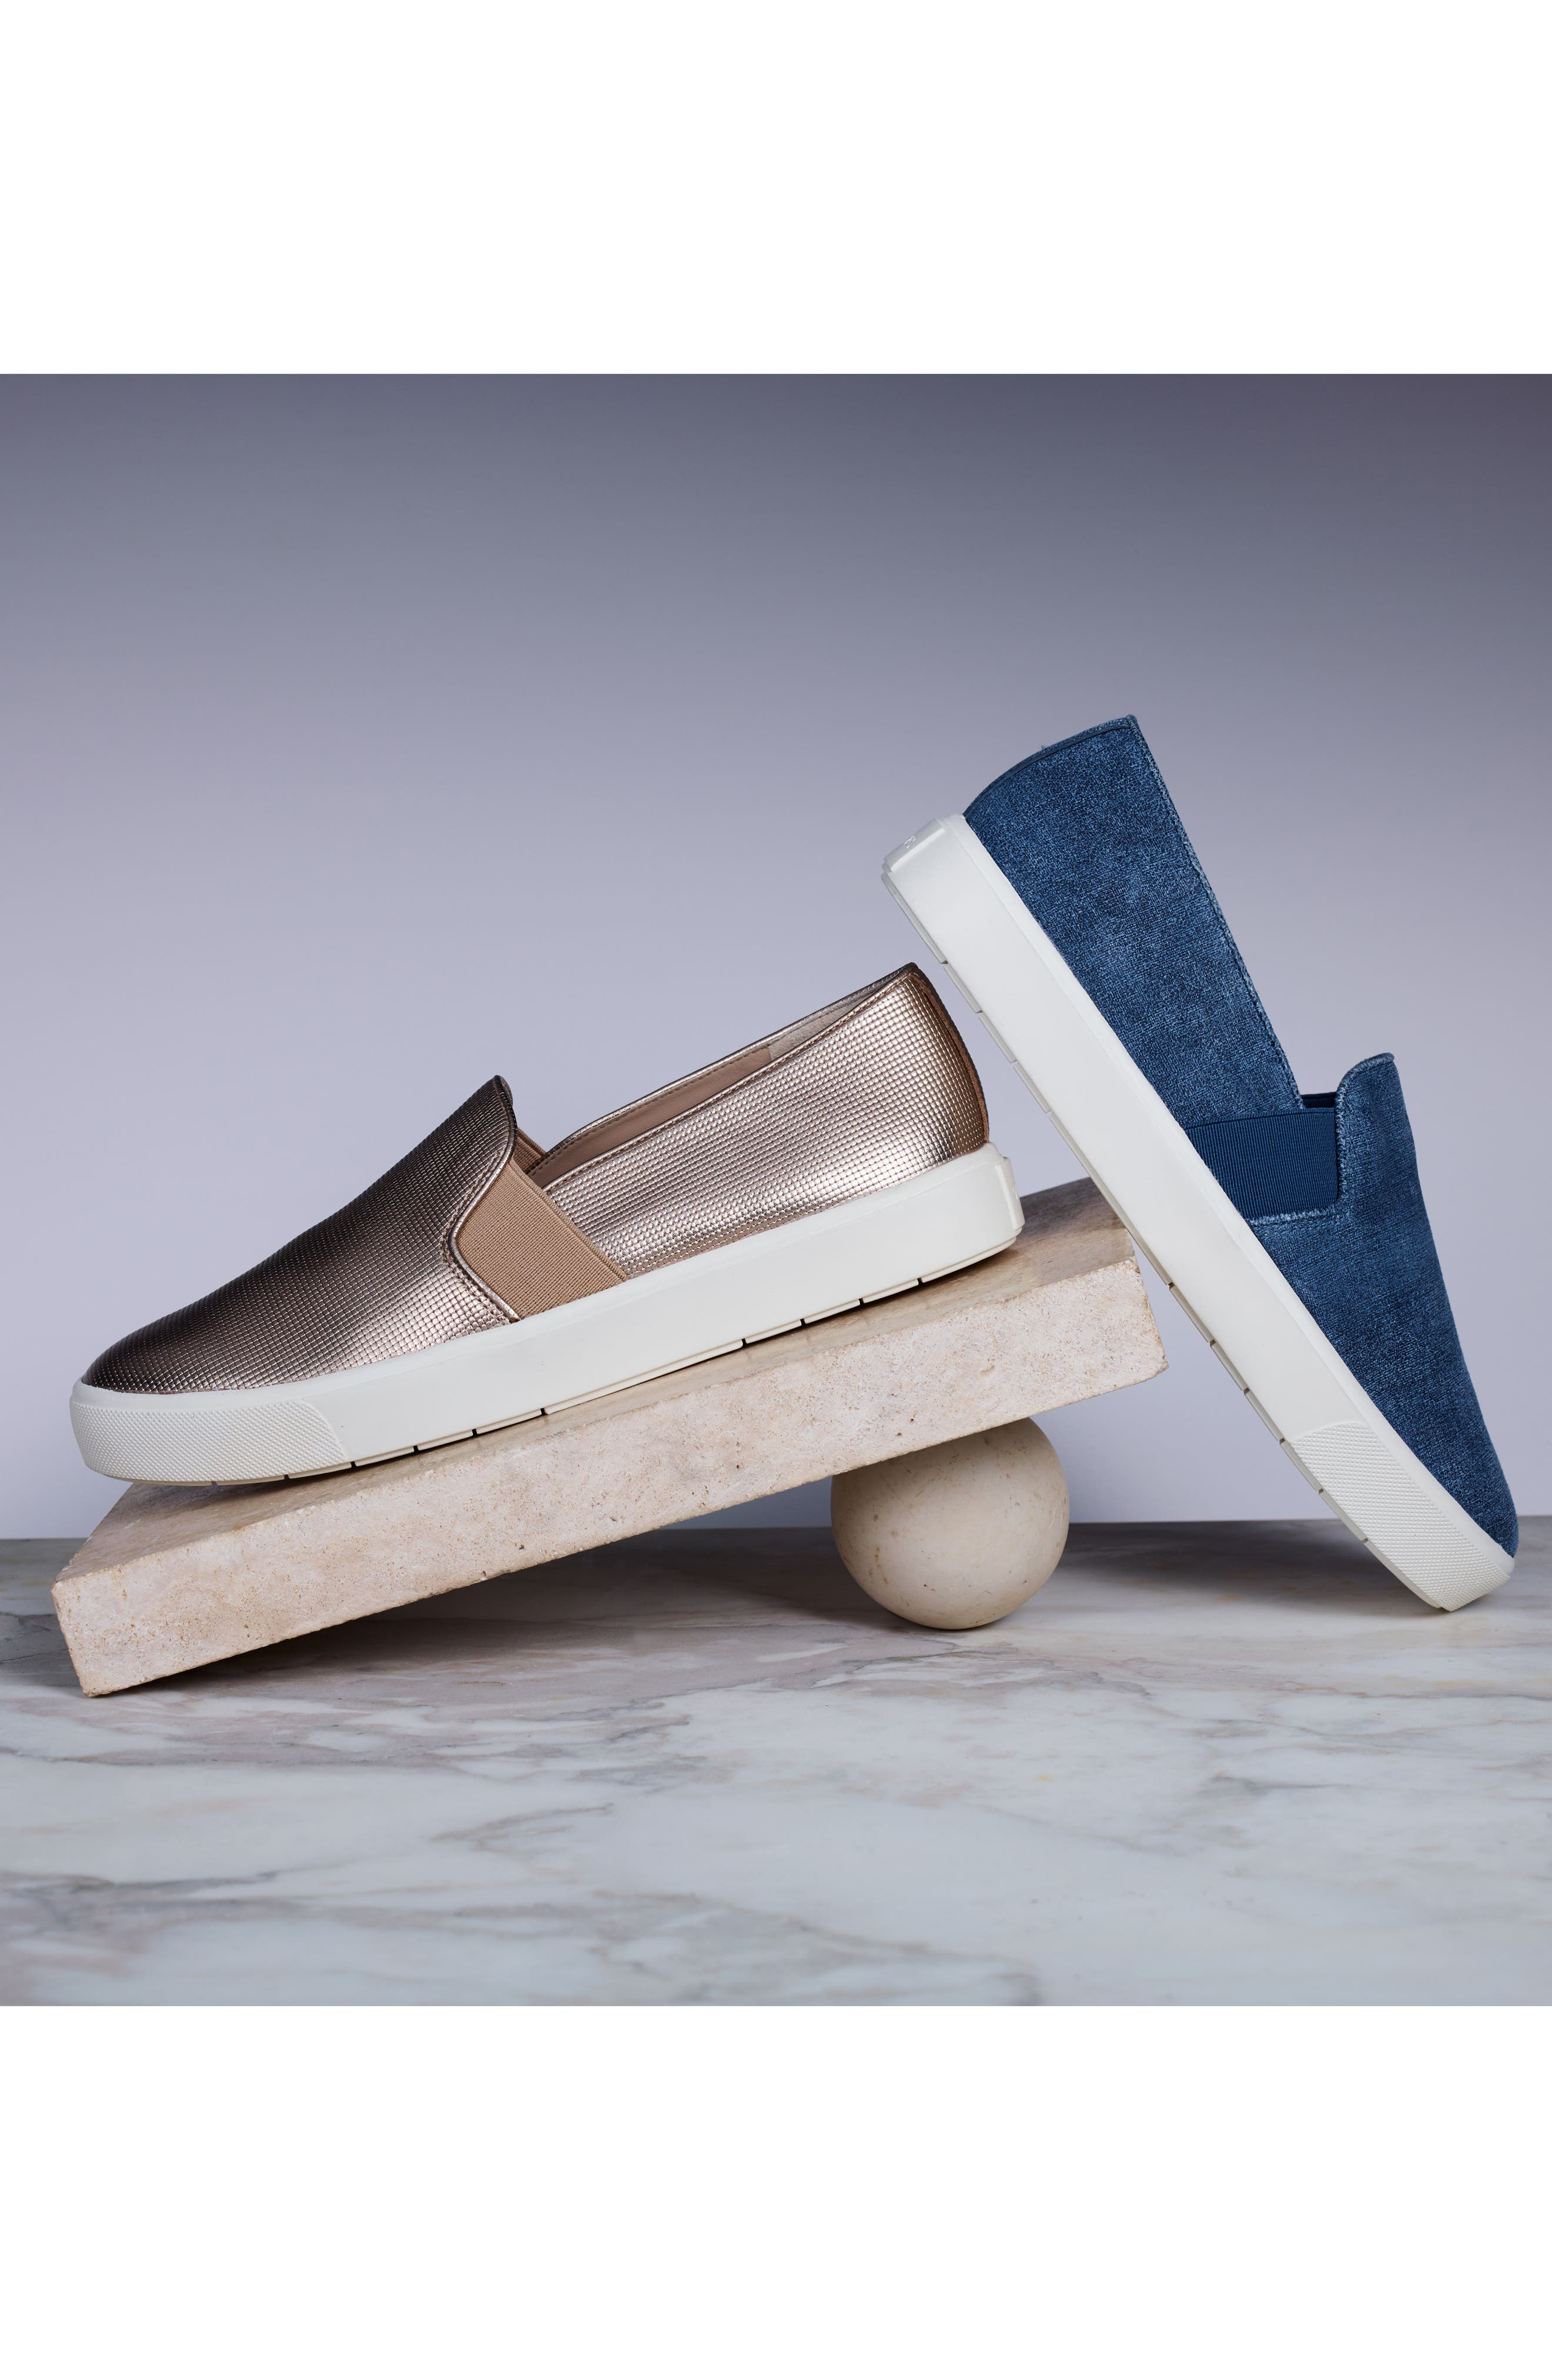 Blair 5 Slip-On Sneaker,                             Alternate thumbnail 11, color,                             SENEGAL SNAKE PRINT